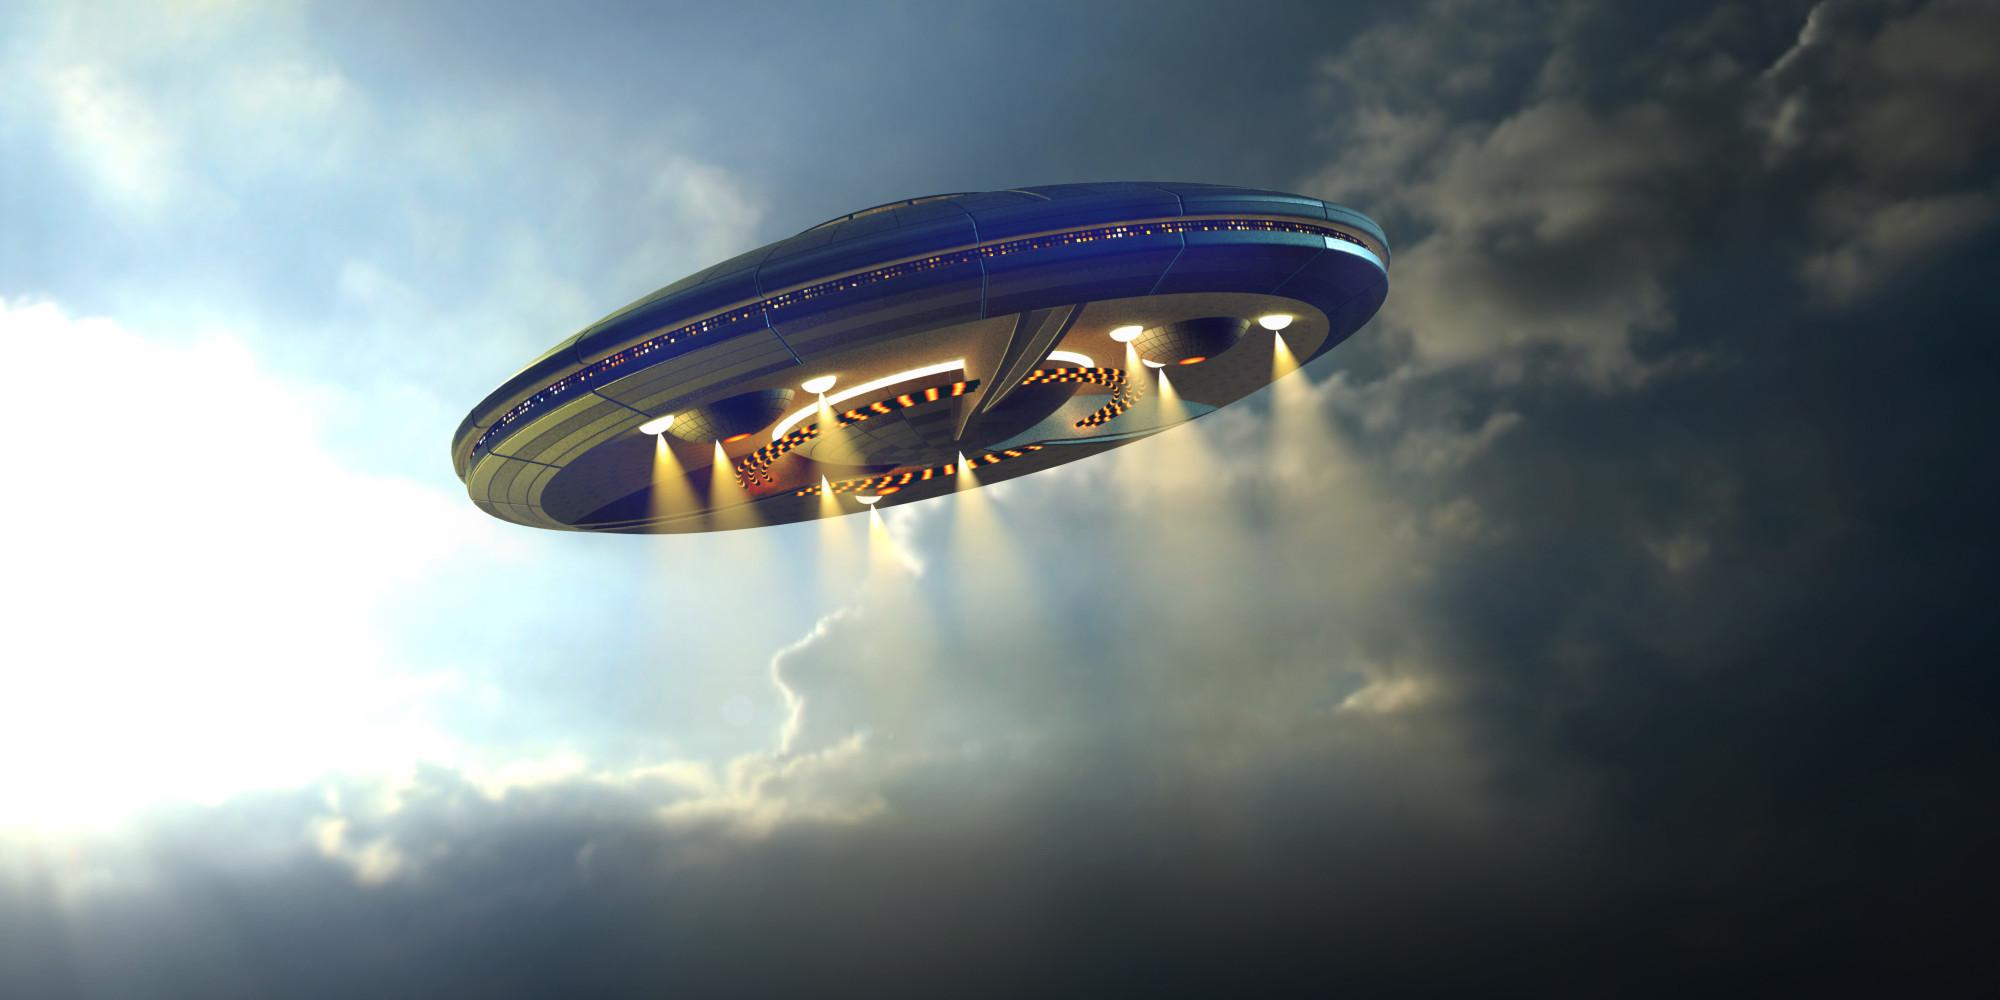 Камеры МКС сняли немалый корабль НЛО навидео— Существование пришельцев явно